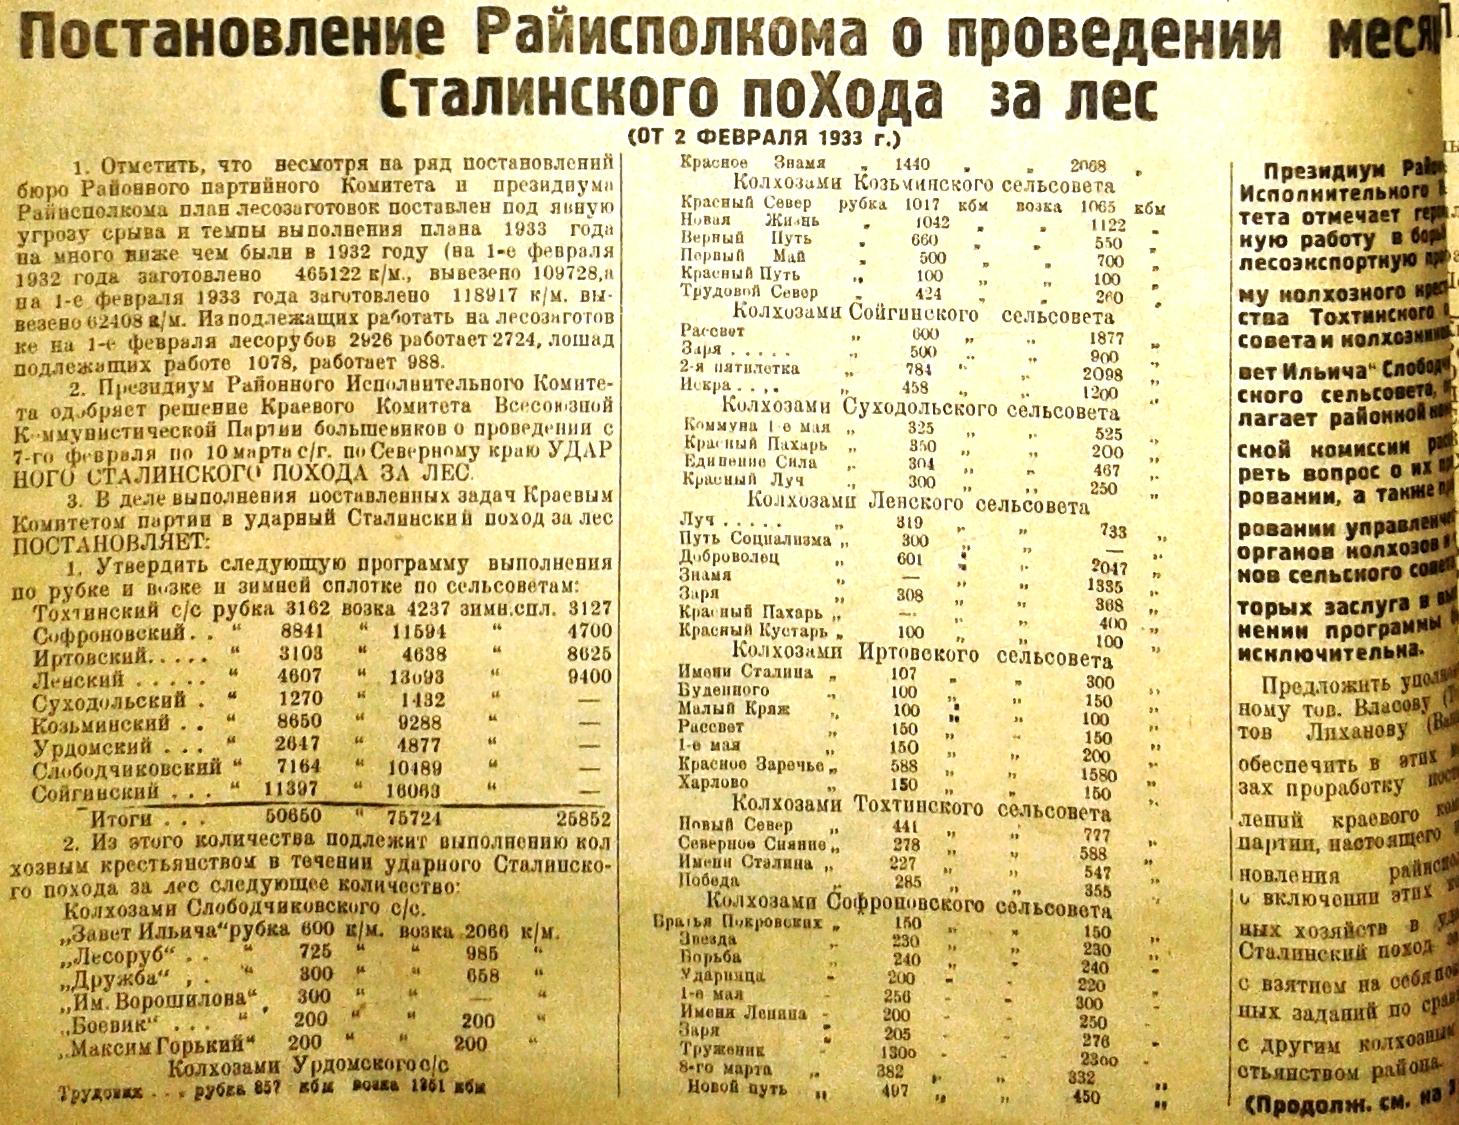 ЛК № 8 от 04.02.33, Колхозы Ленского района, участвующие на лесозаготовках (3)